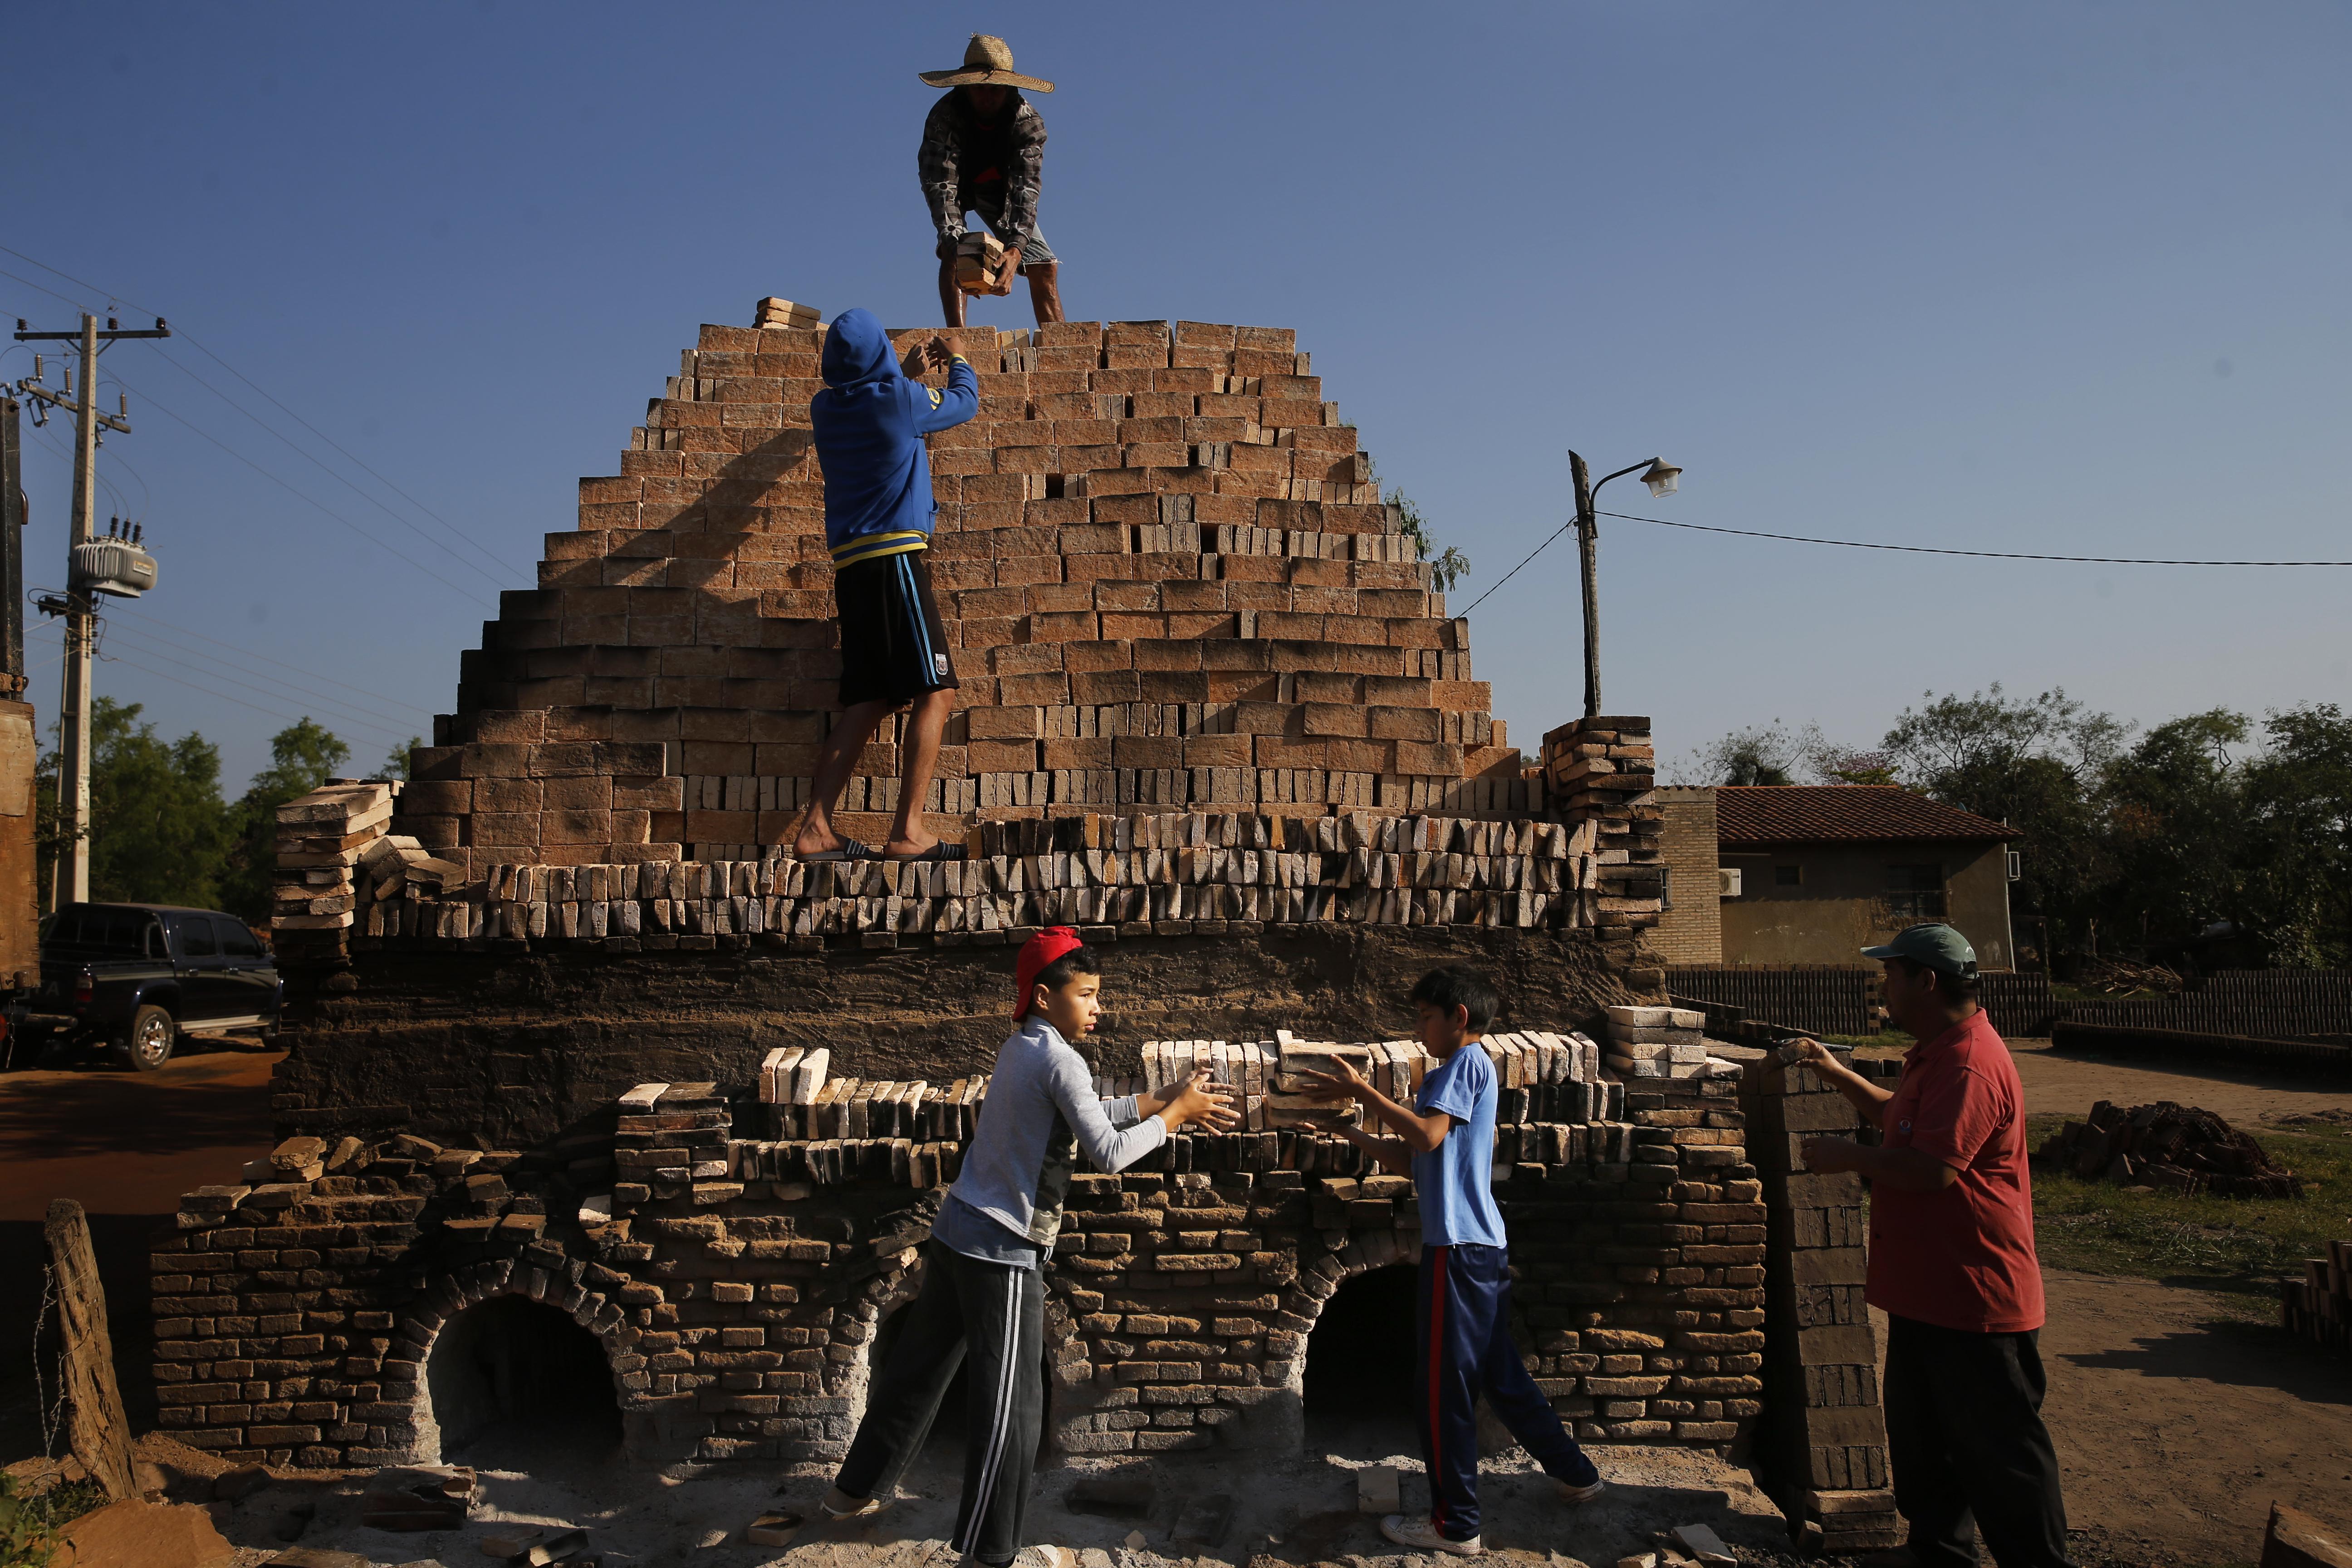 Los niños trabajan con sus familiares para cargar un horno con ladrillos de arcilla en Tobati, Paraguay, el viernes 4 de septiembre de 2020. En muchas de las pequeñas fábricas de ladrillos de Tobati, los lugareños comienzan a trabajar a una edad temprana para complementar los ingresos familiares.